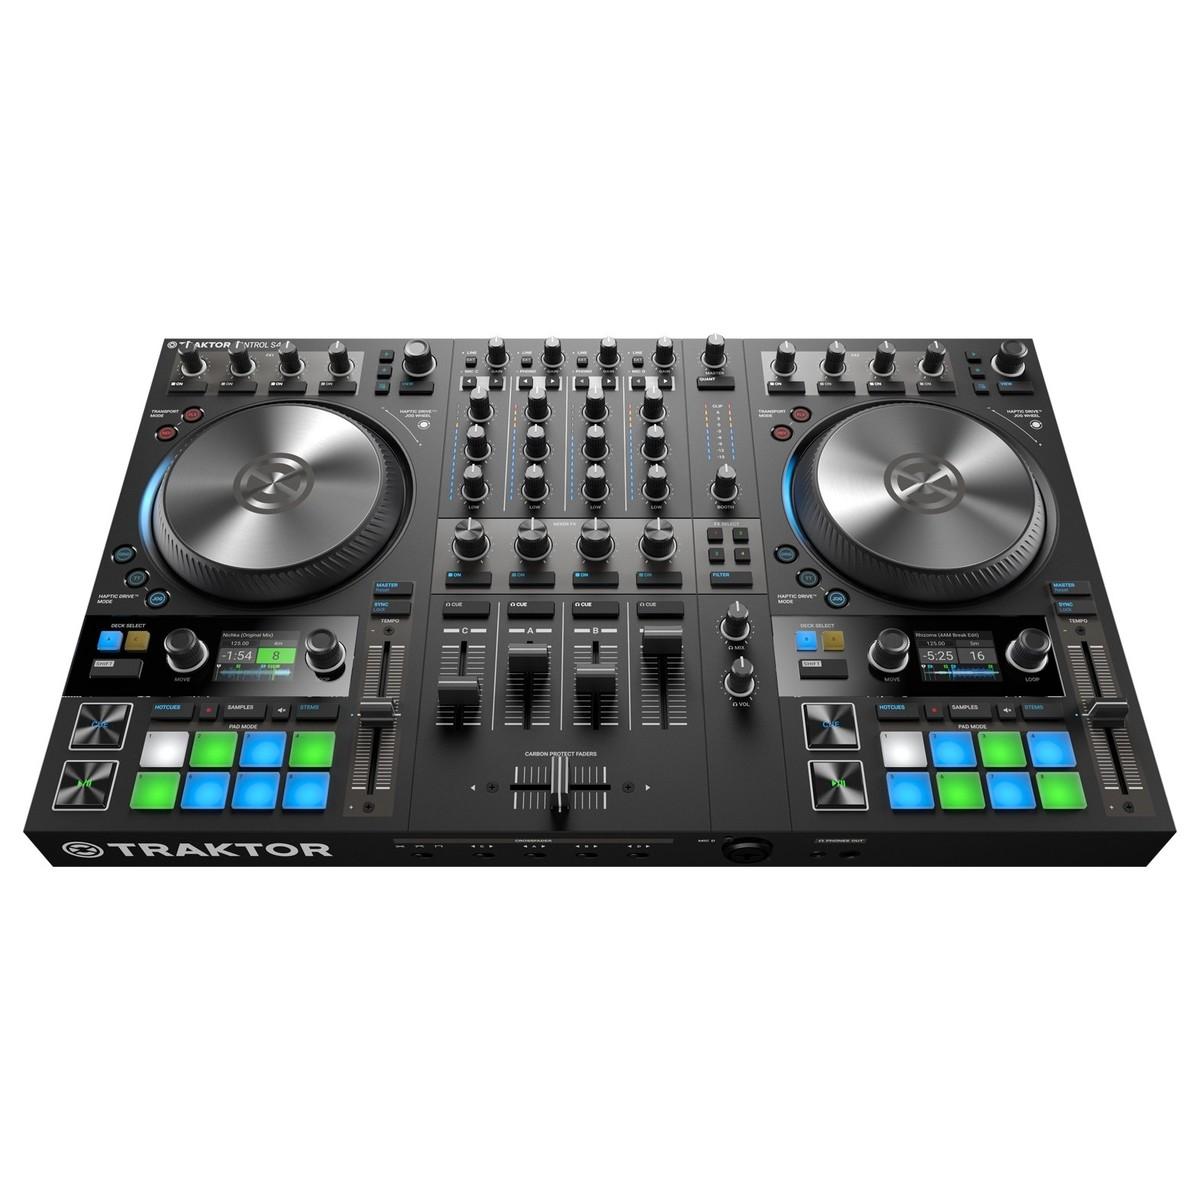 NATIVE INSTRUMENTS TRAKTOR KONTROL S4 MKIII CONTROLLER DJ MIDI MK3 4 CANALI 24 BIT 96KHZ 2